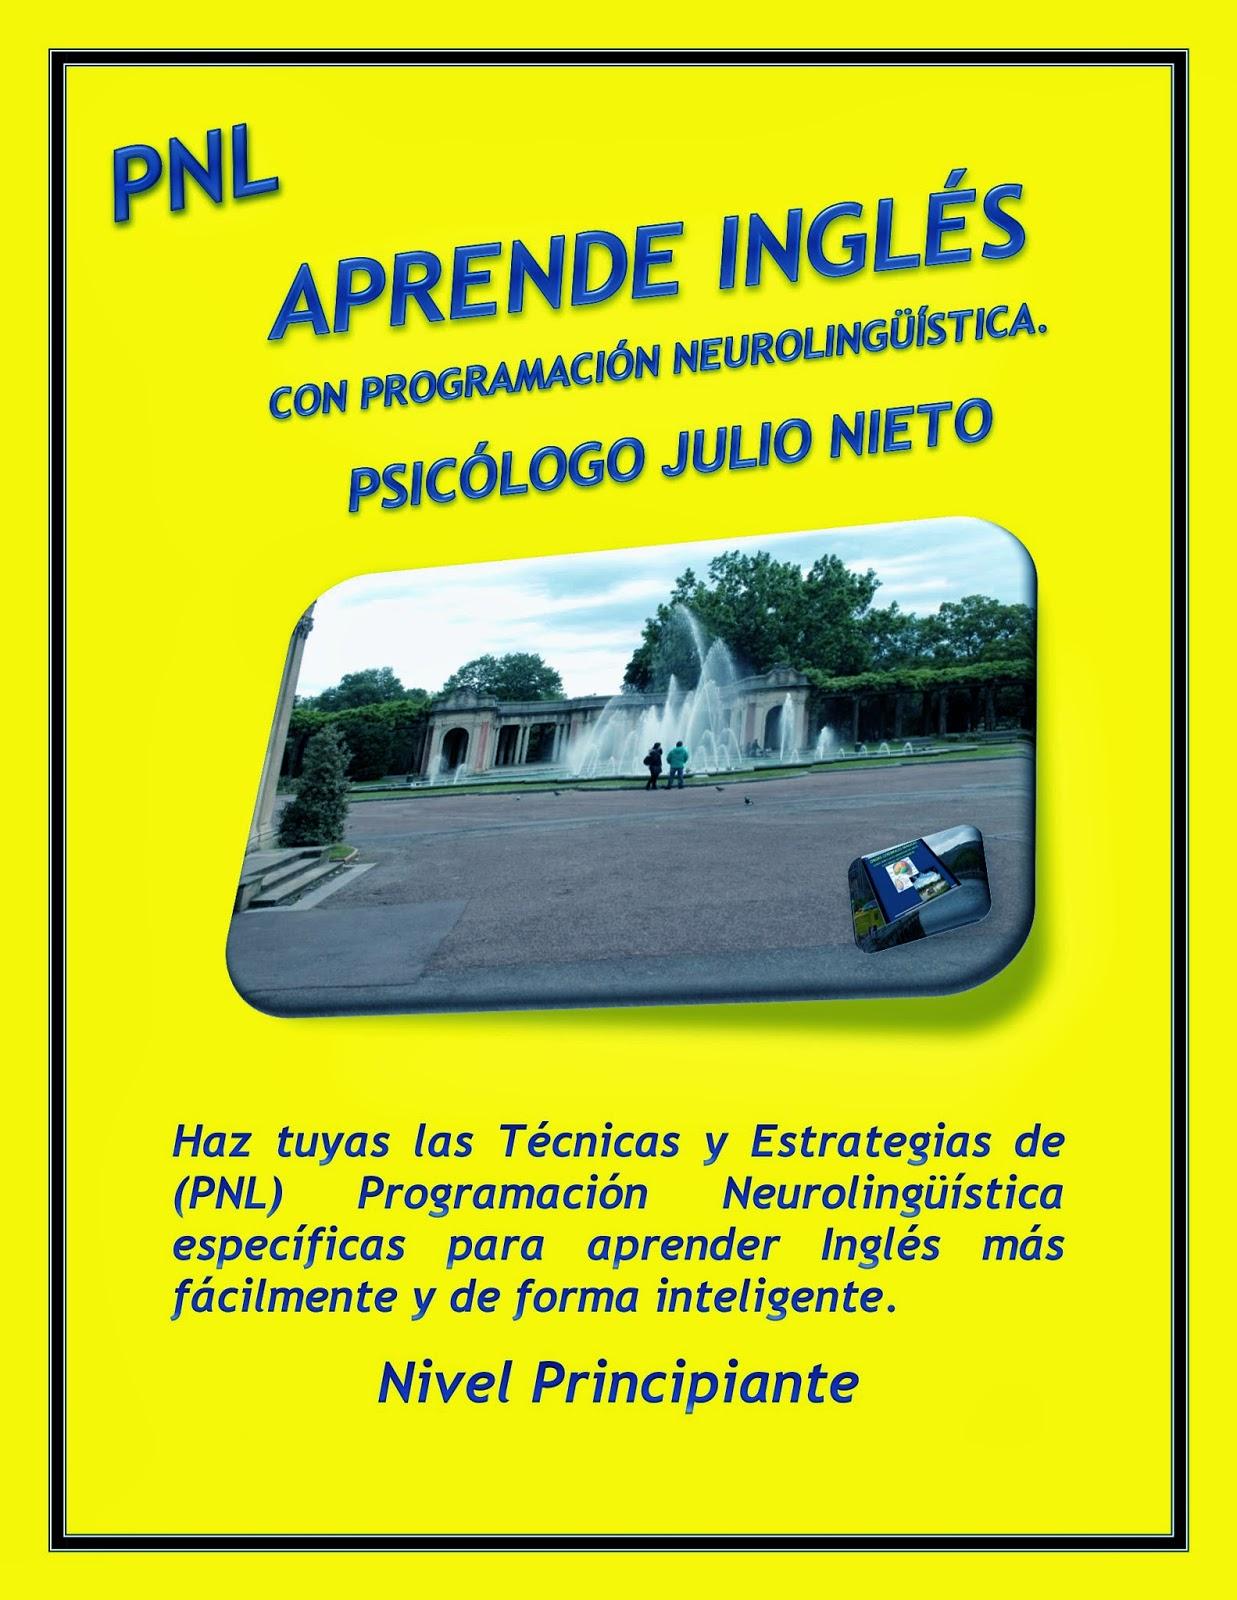 http://inglesypnl.blogspot.com.es/